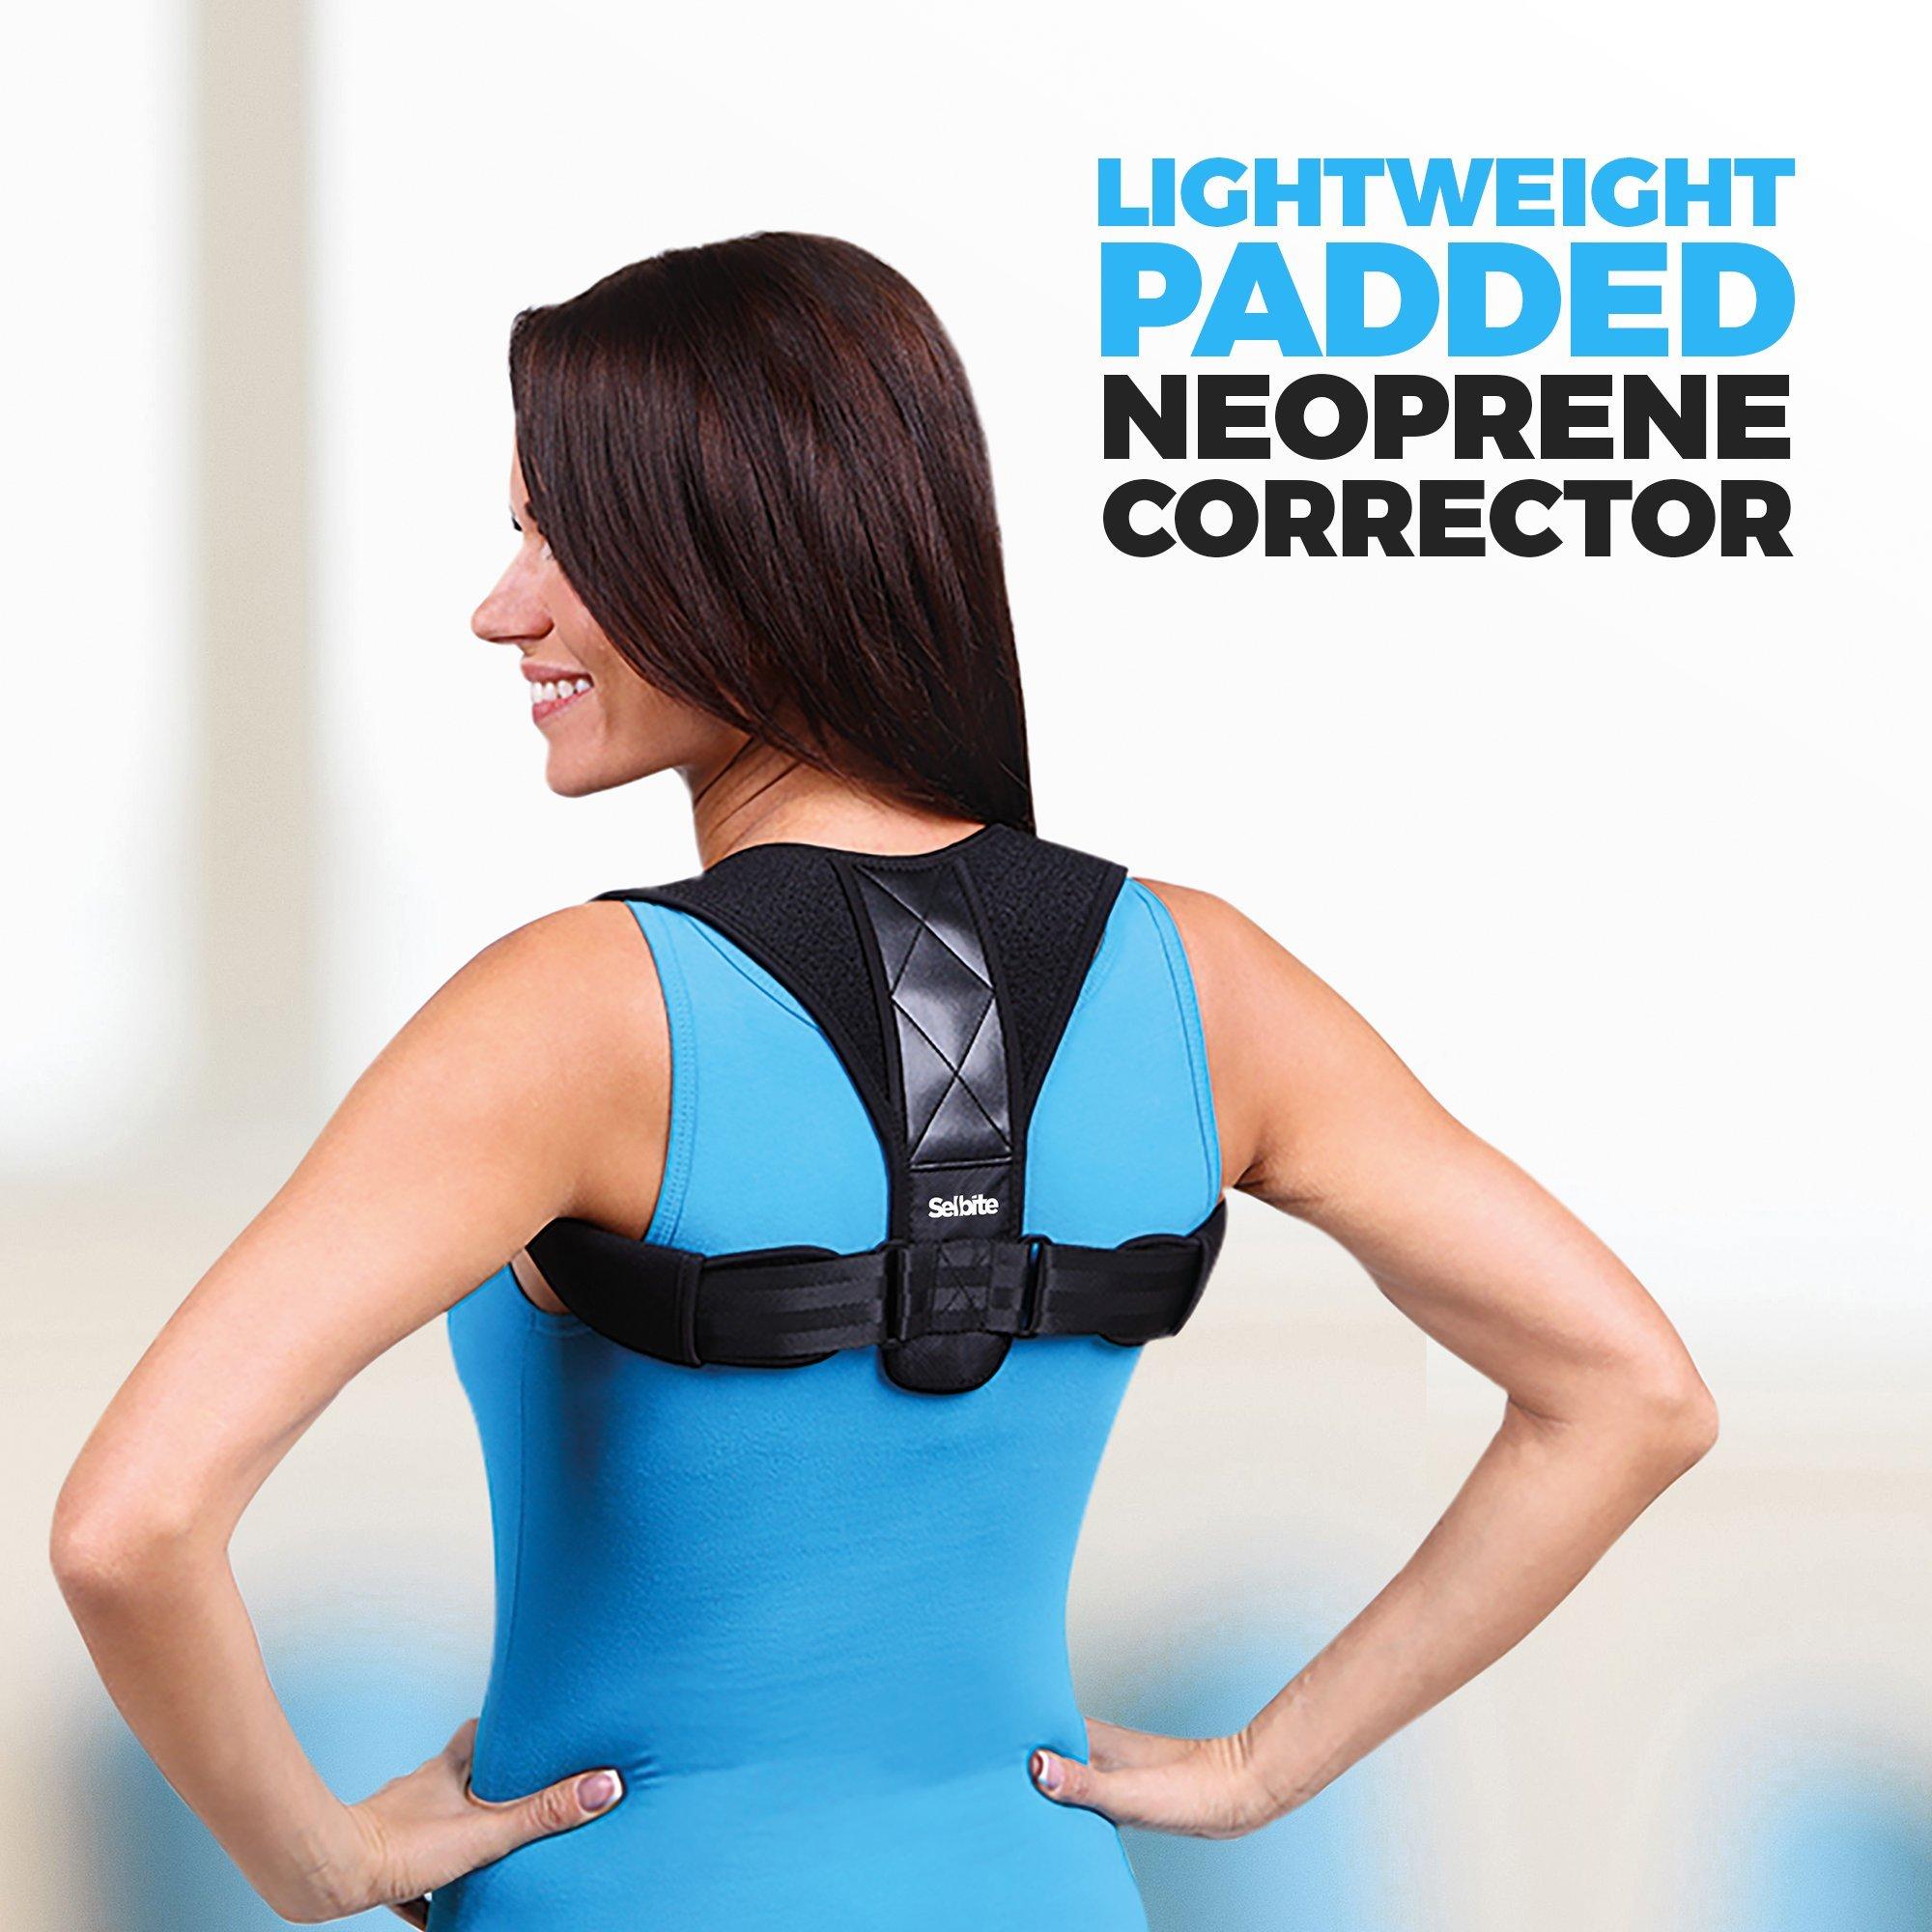 Back Posture Corrector for Men Women - Effective Posture Corrector Upper Back Straightener - Adjustable Posture Brace - Back Brace - Lightweight and Comfortable for Improving Posture by Selbite (Image #6)